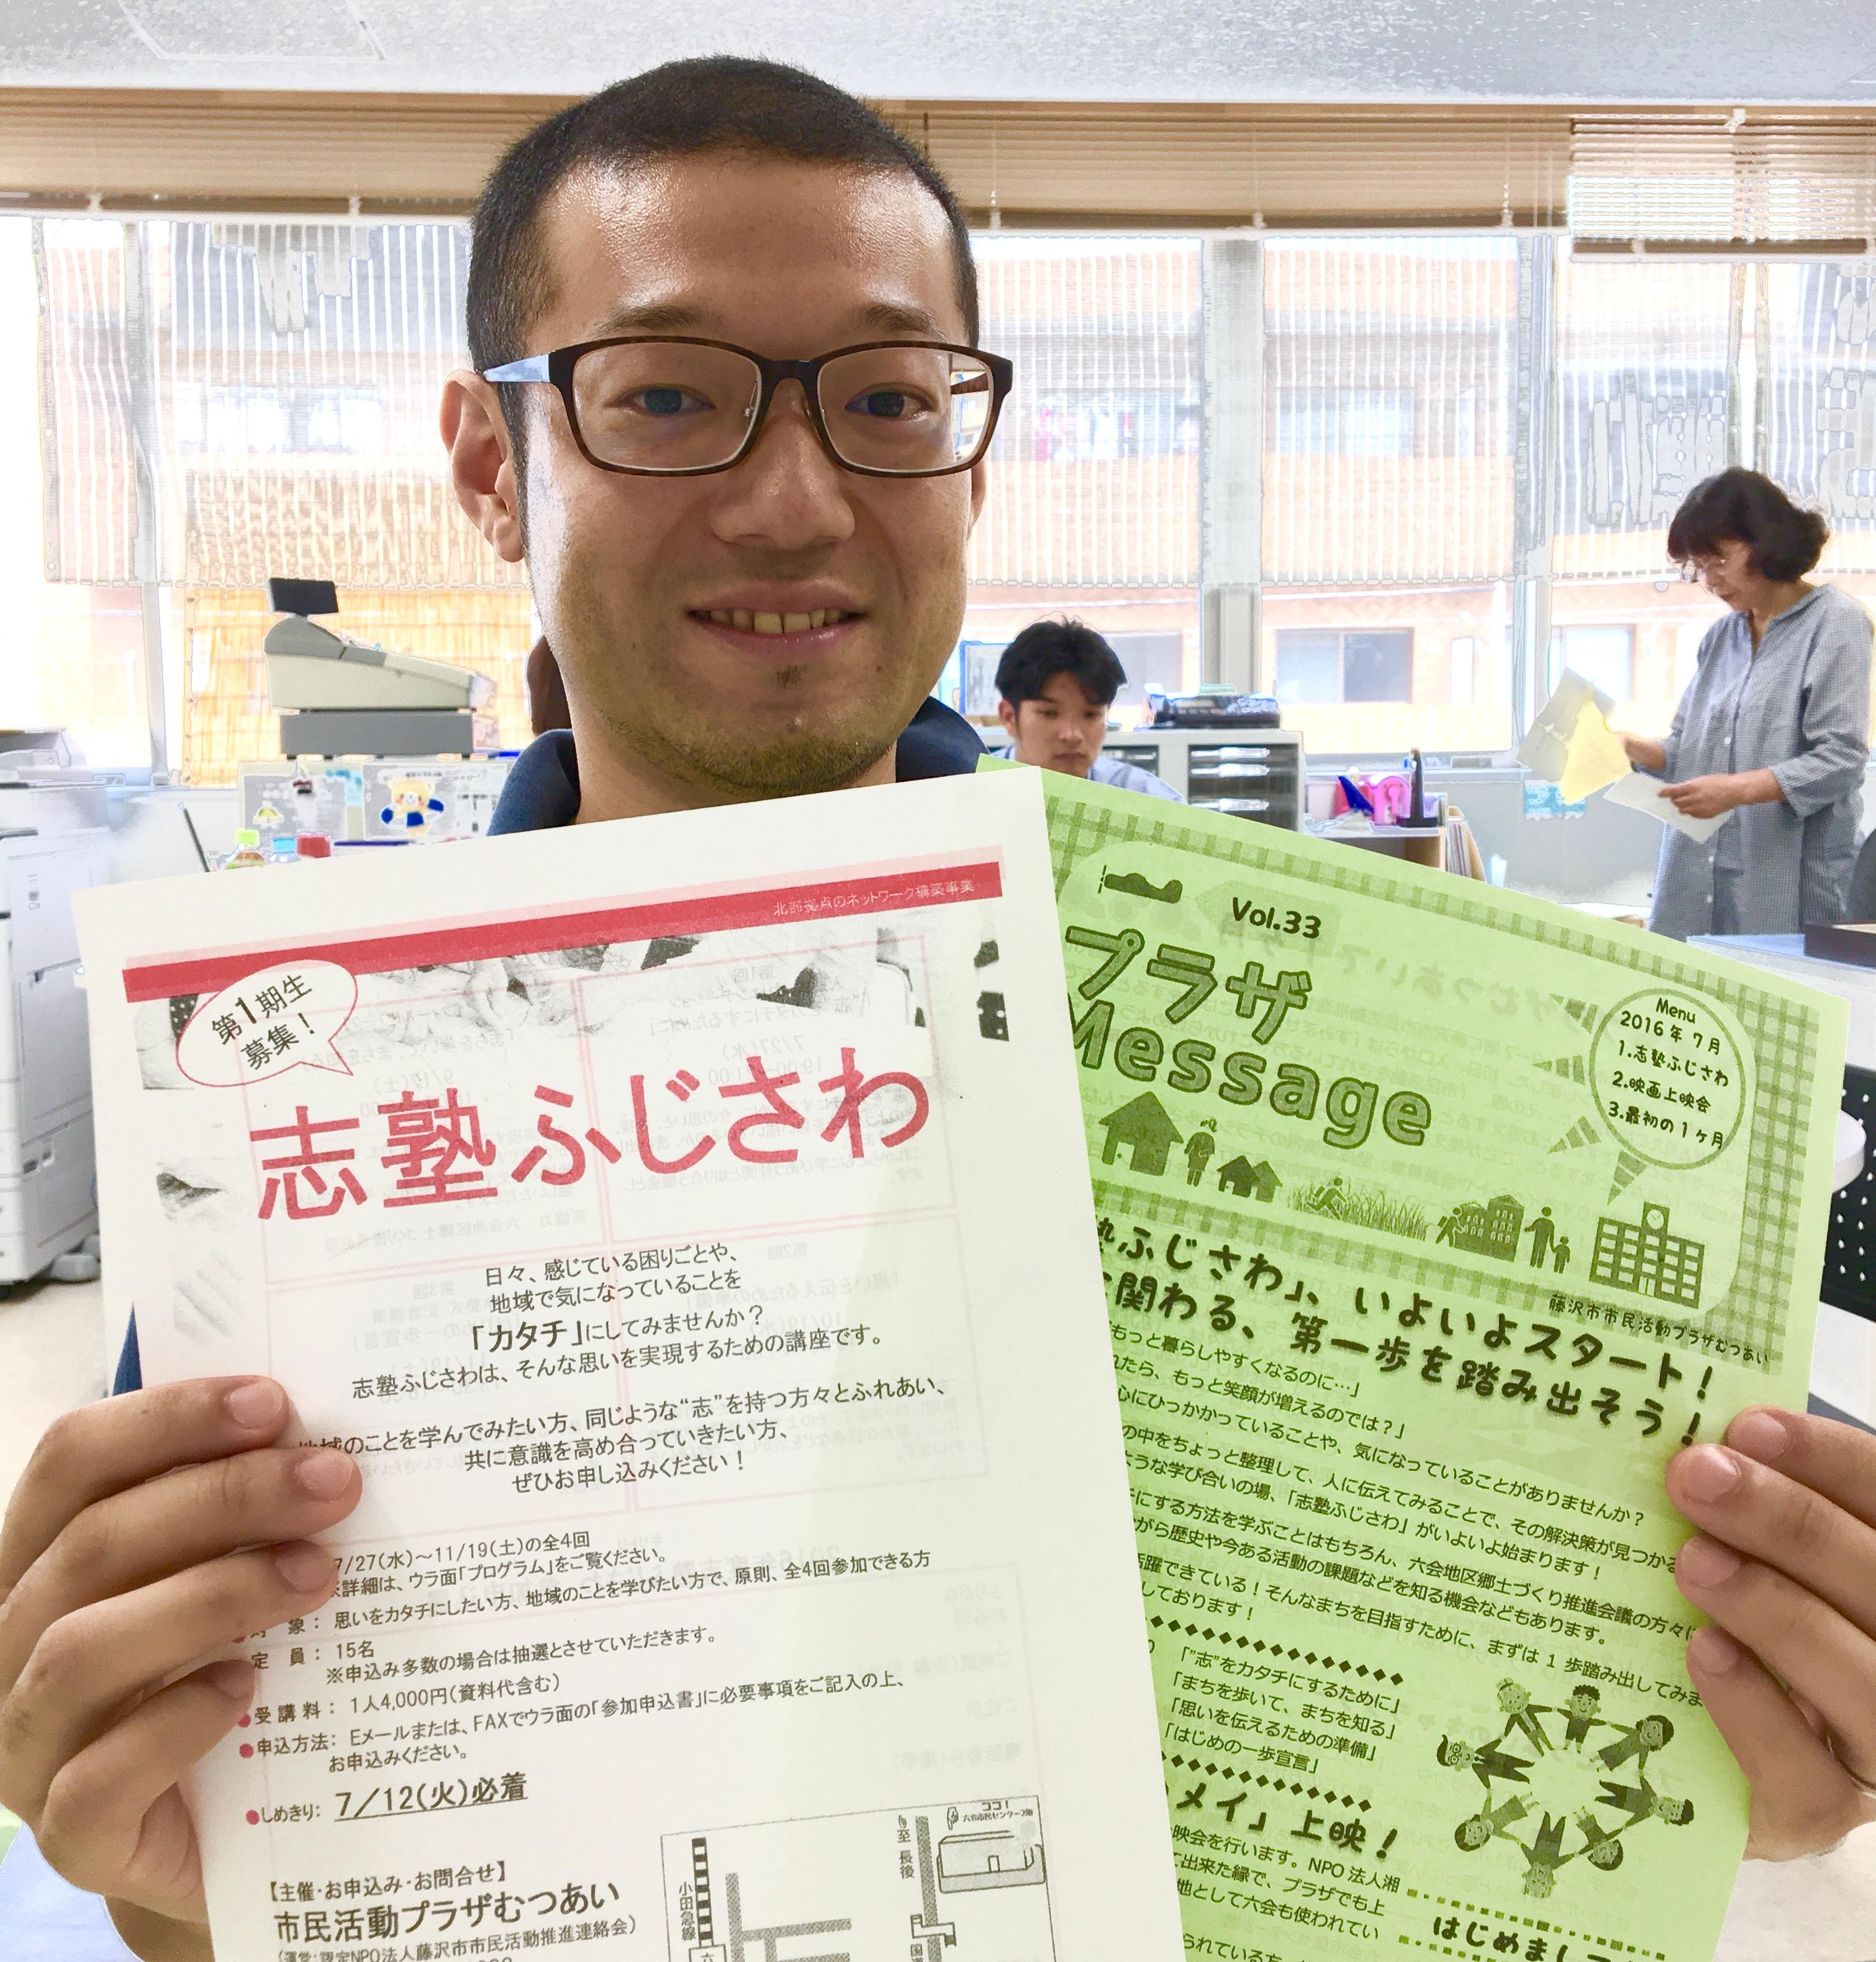 市民活動プラザむつあい〜「志塾ふじさわ」一期生募集中